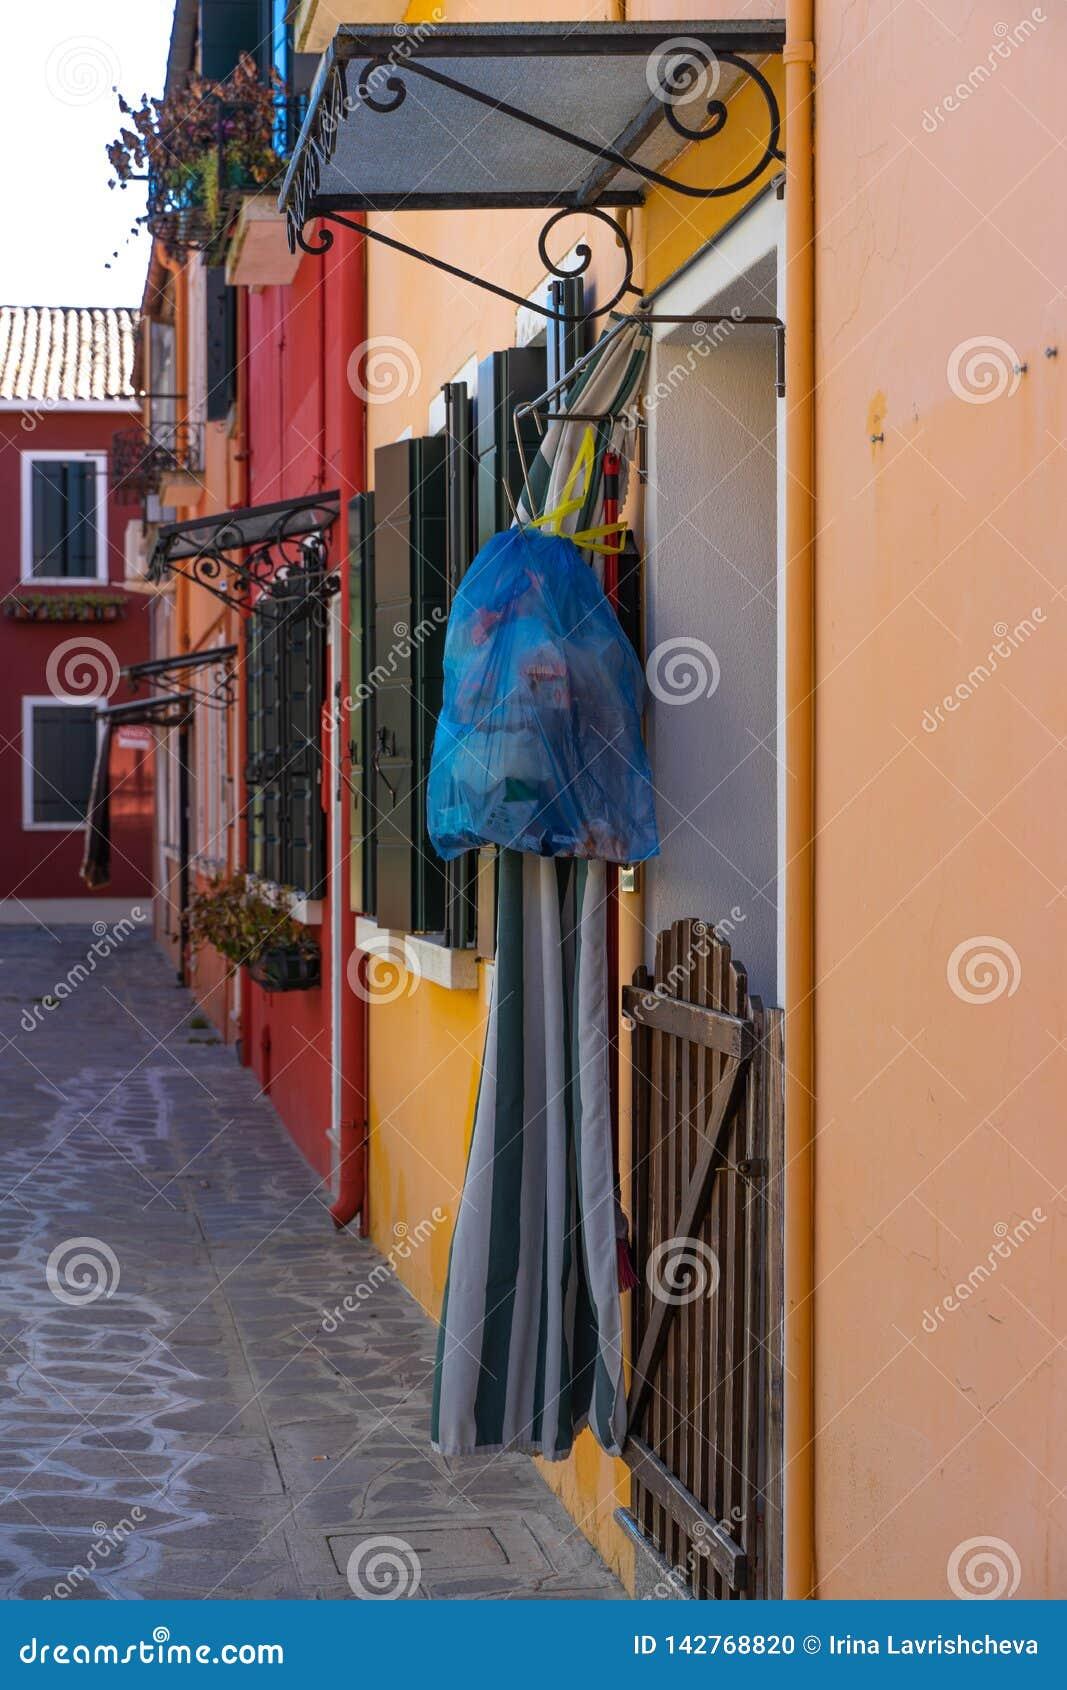 Bunte Häuser von Burano-Insel Venedig Typische Straße mit hängender Wäscherei an den Fassaden von bunten Häusern